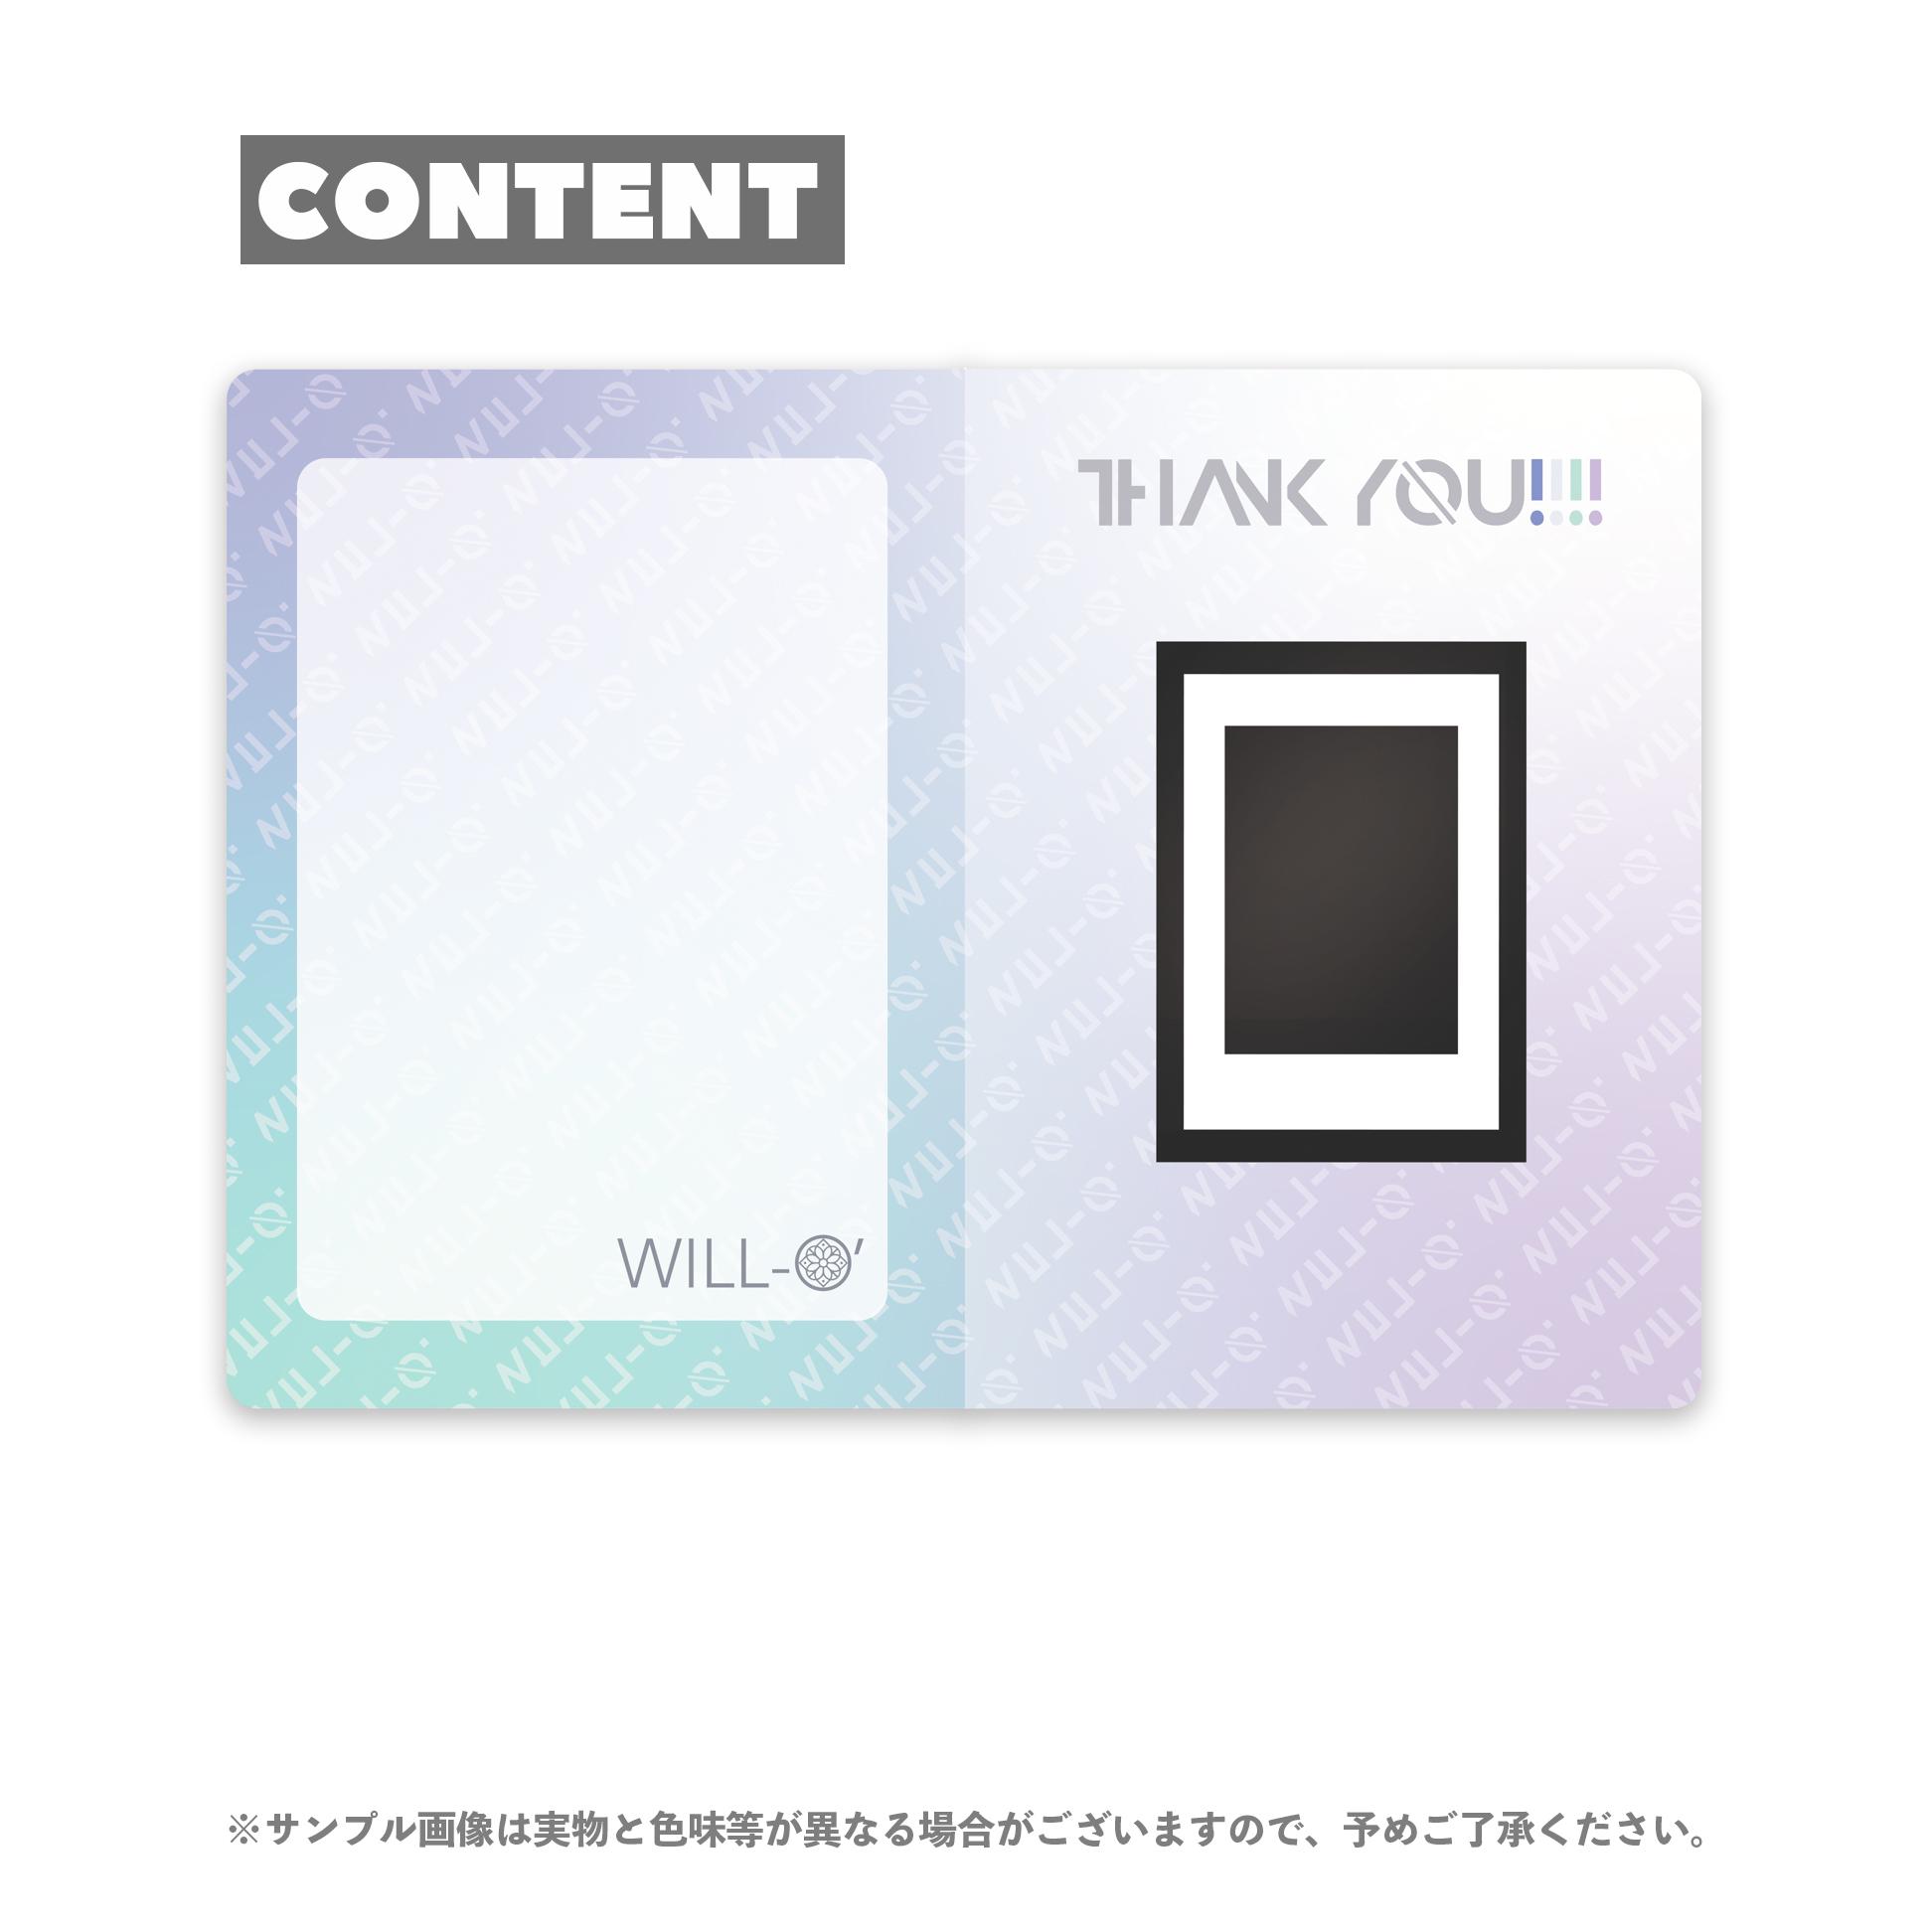 【榎本りょう】FC限定/特製カードボードつきソロチェキ(ツアー開催記念)